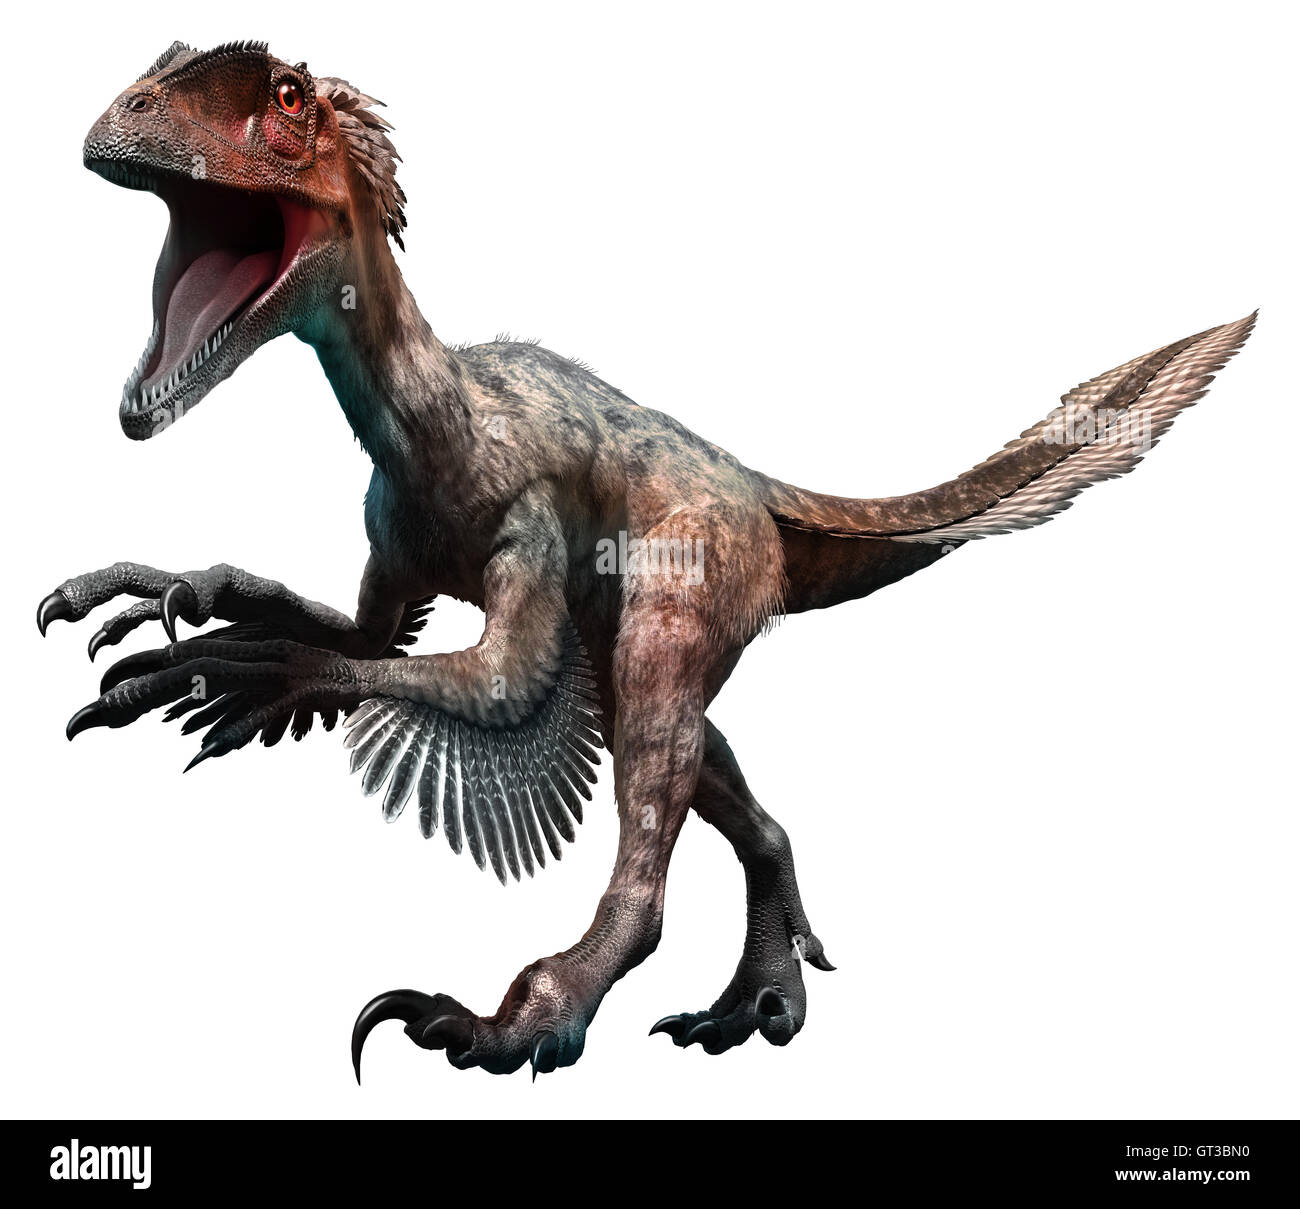 Deinonychus - Stock Image